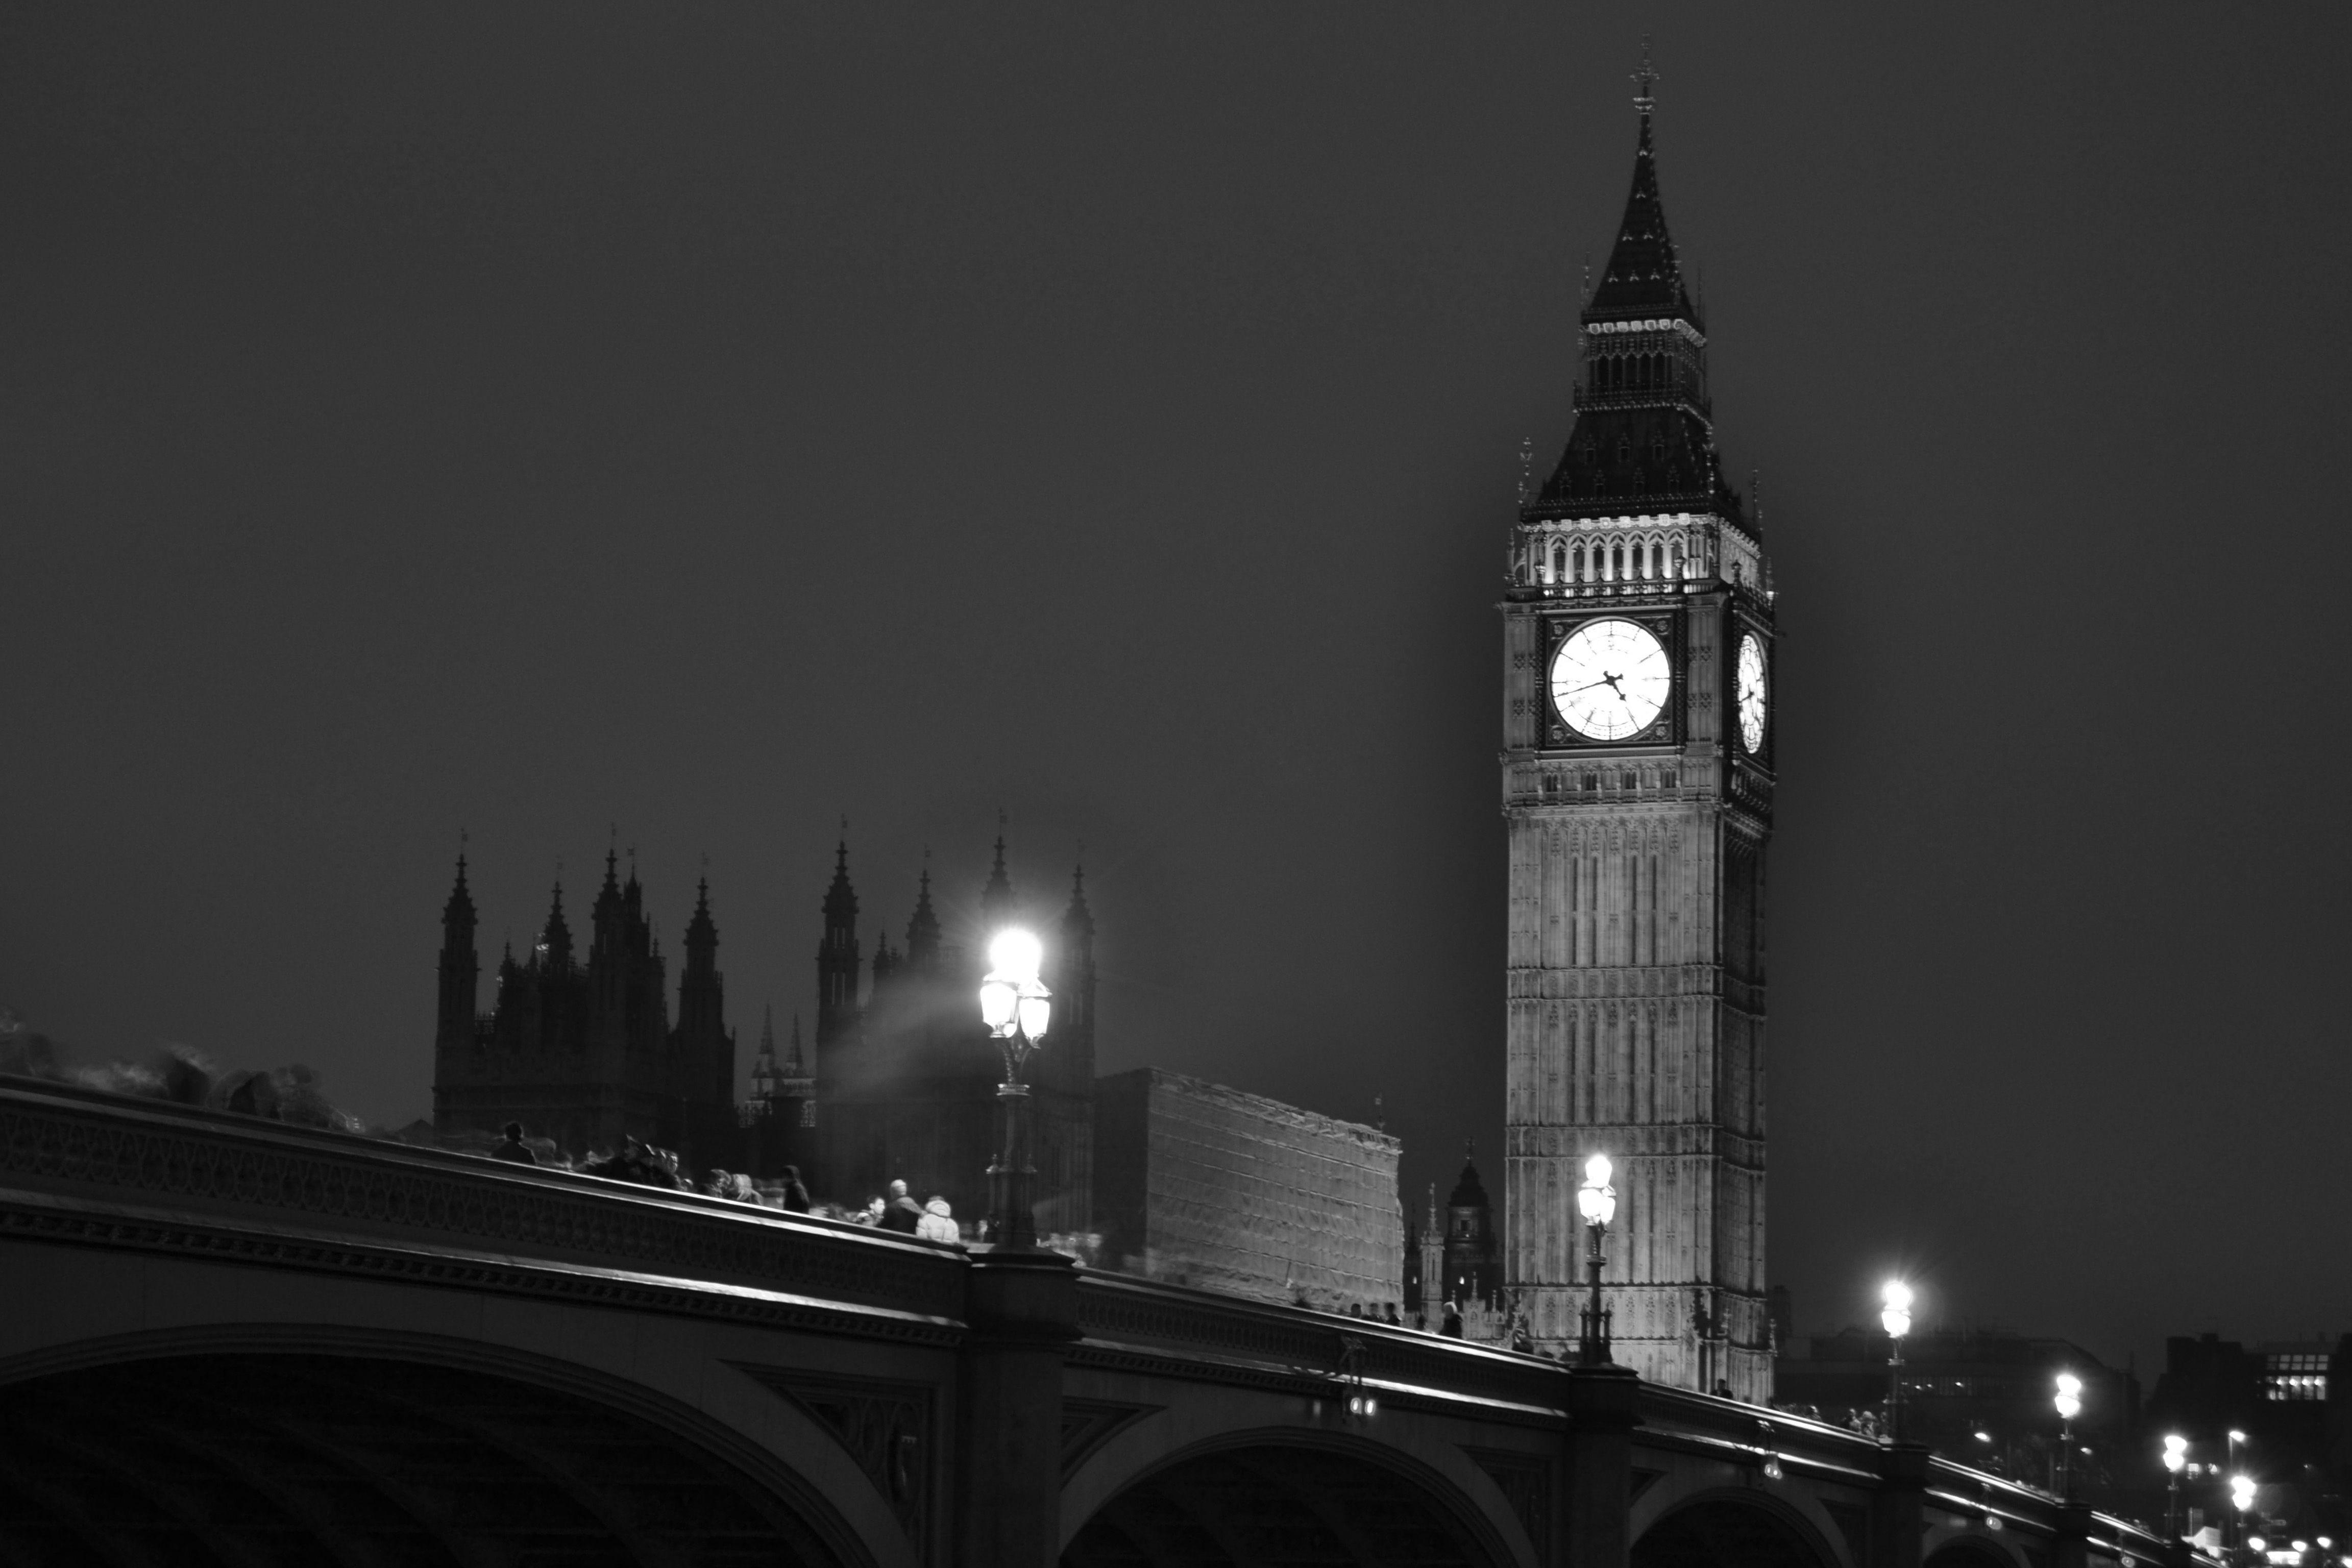 London Beautiful places, Big ben, Landmarks